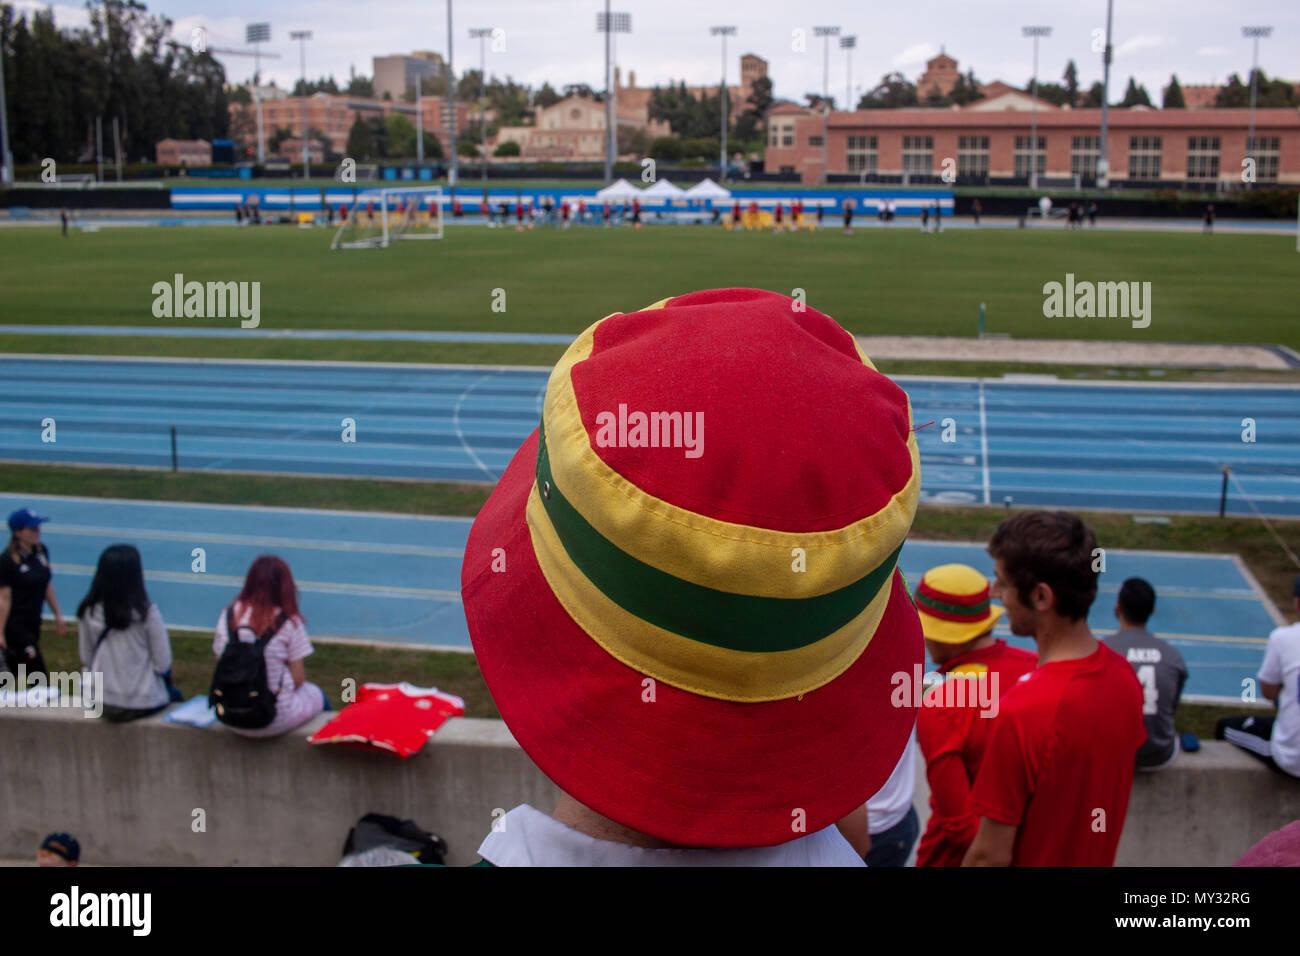 Wales Open Training Session at UCLA's Drake Stadium - Stock Image